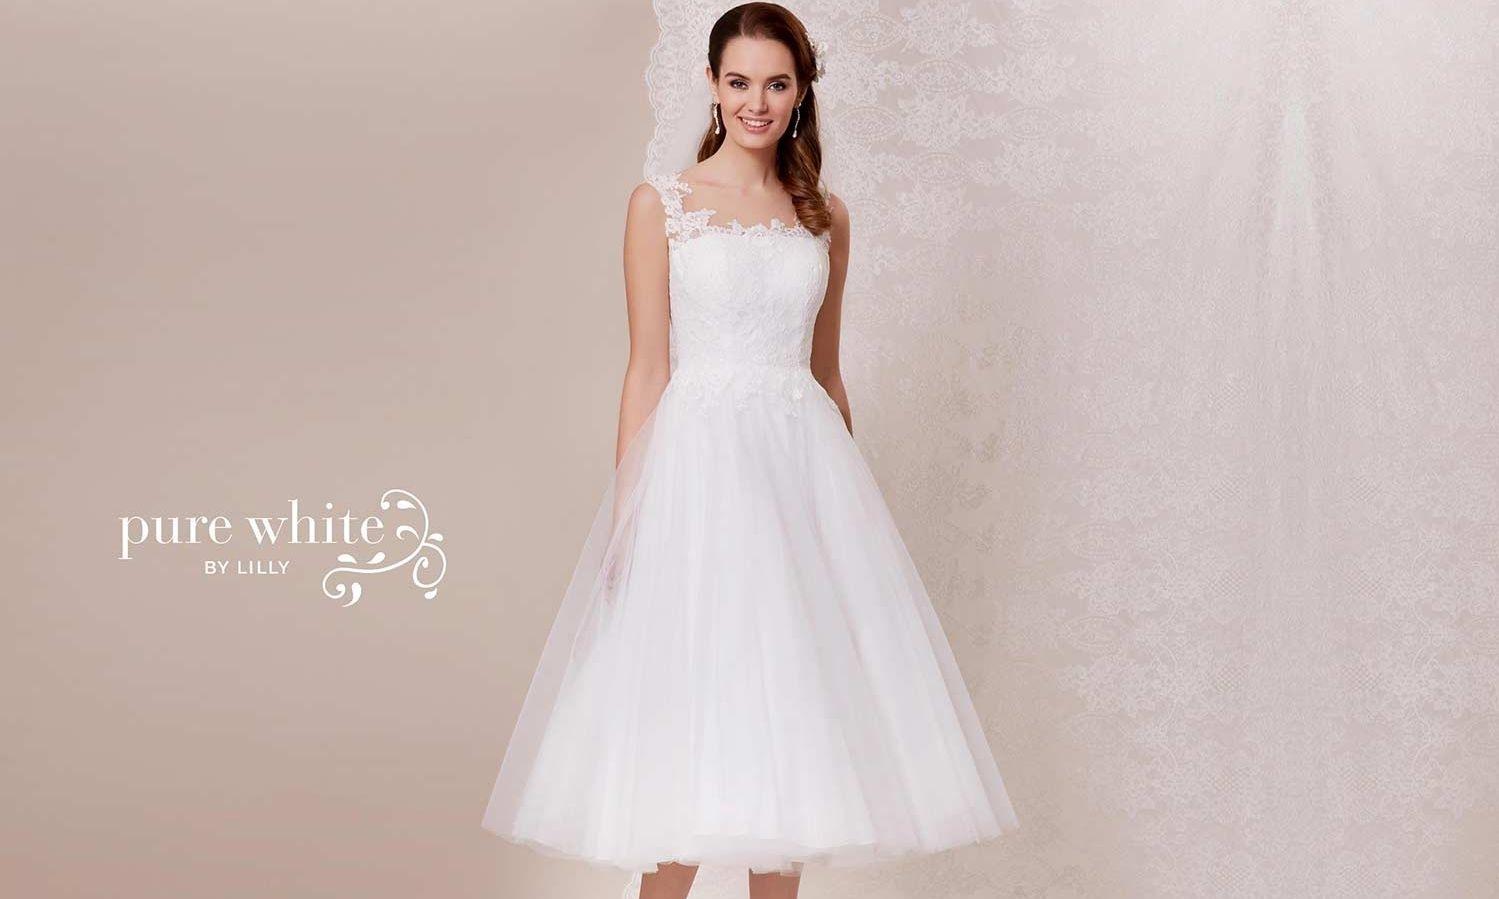 Abend Fantastisch Brautmode Kaufen Boutique20 Genial Brautmode Kaufen Vertrieb